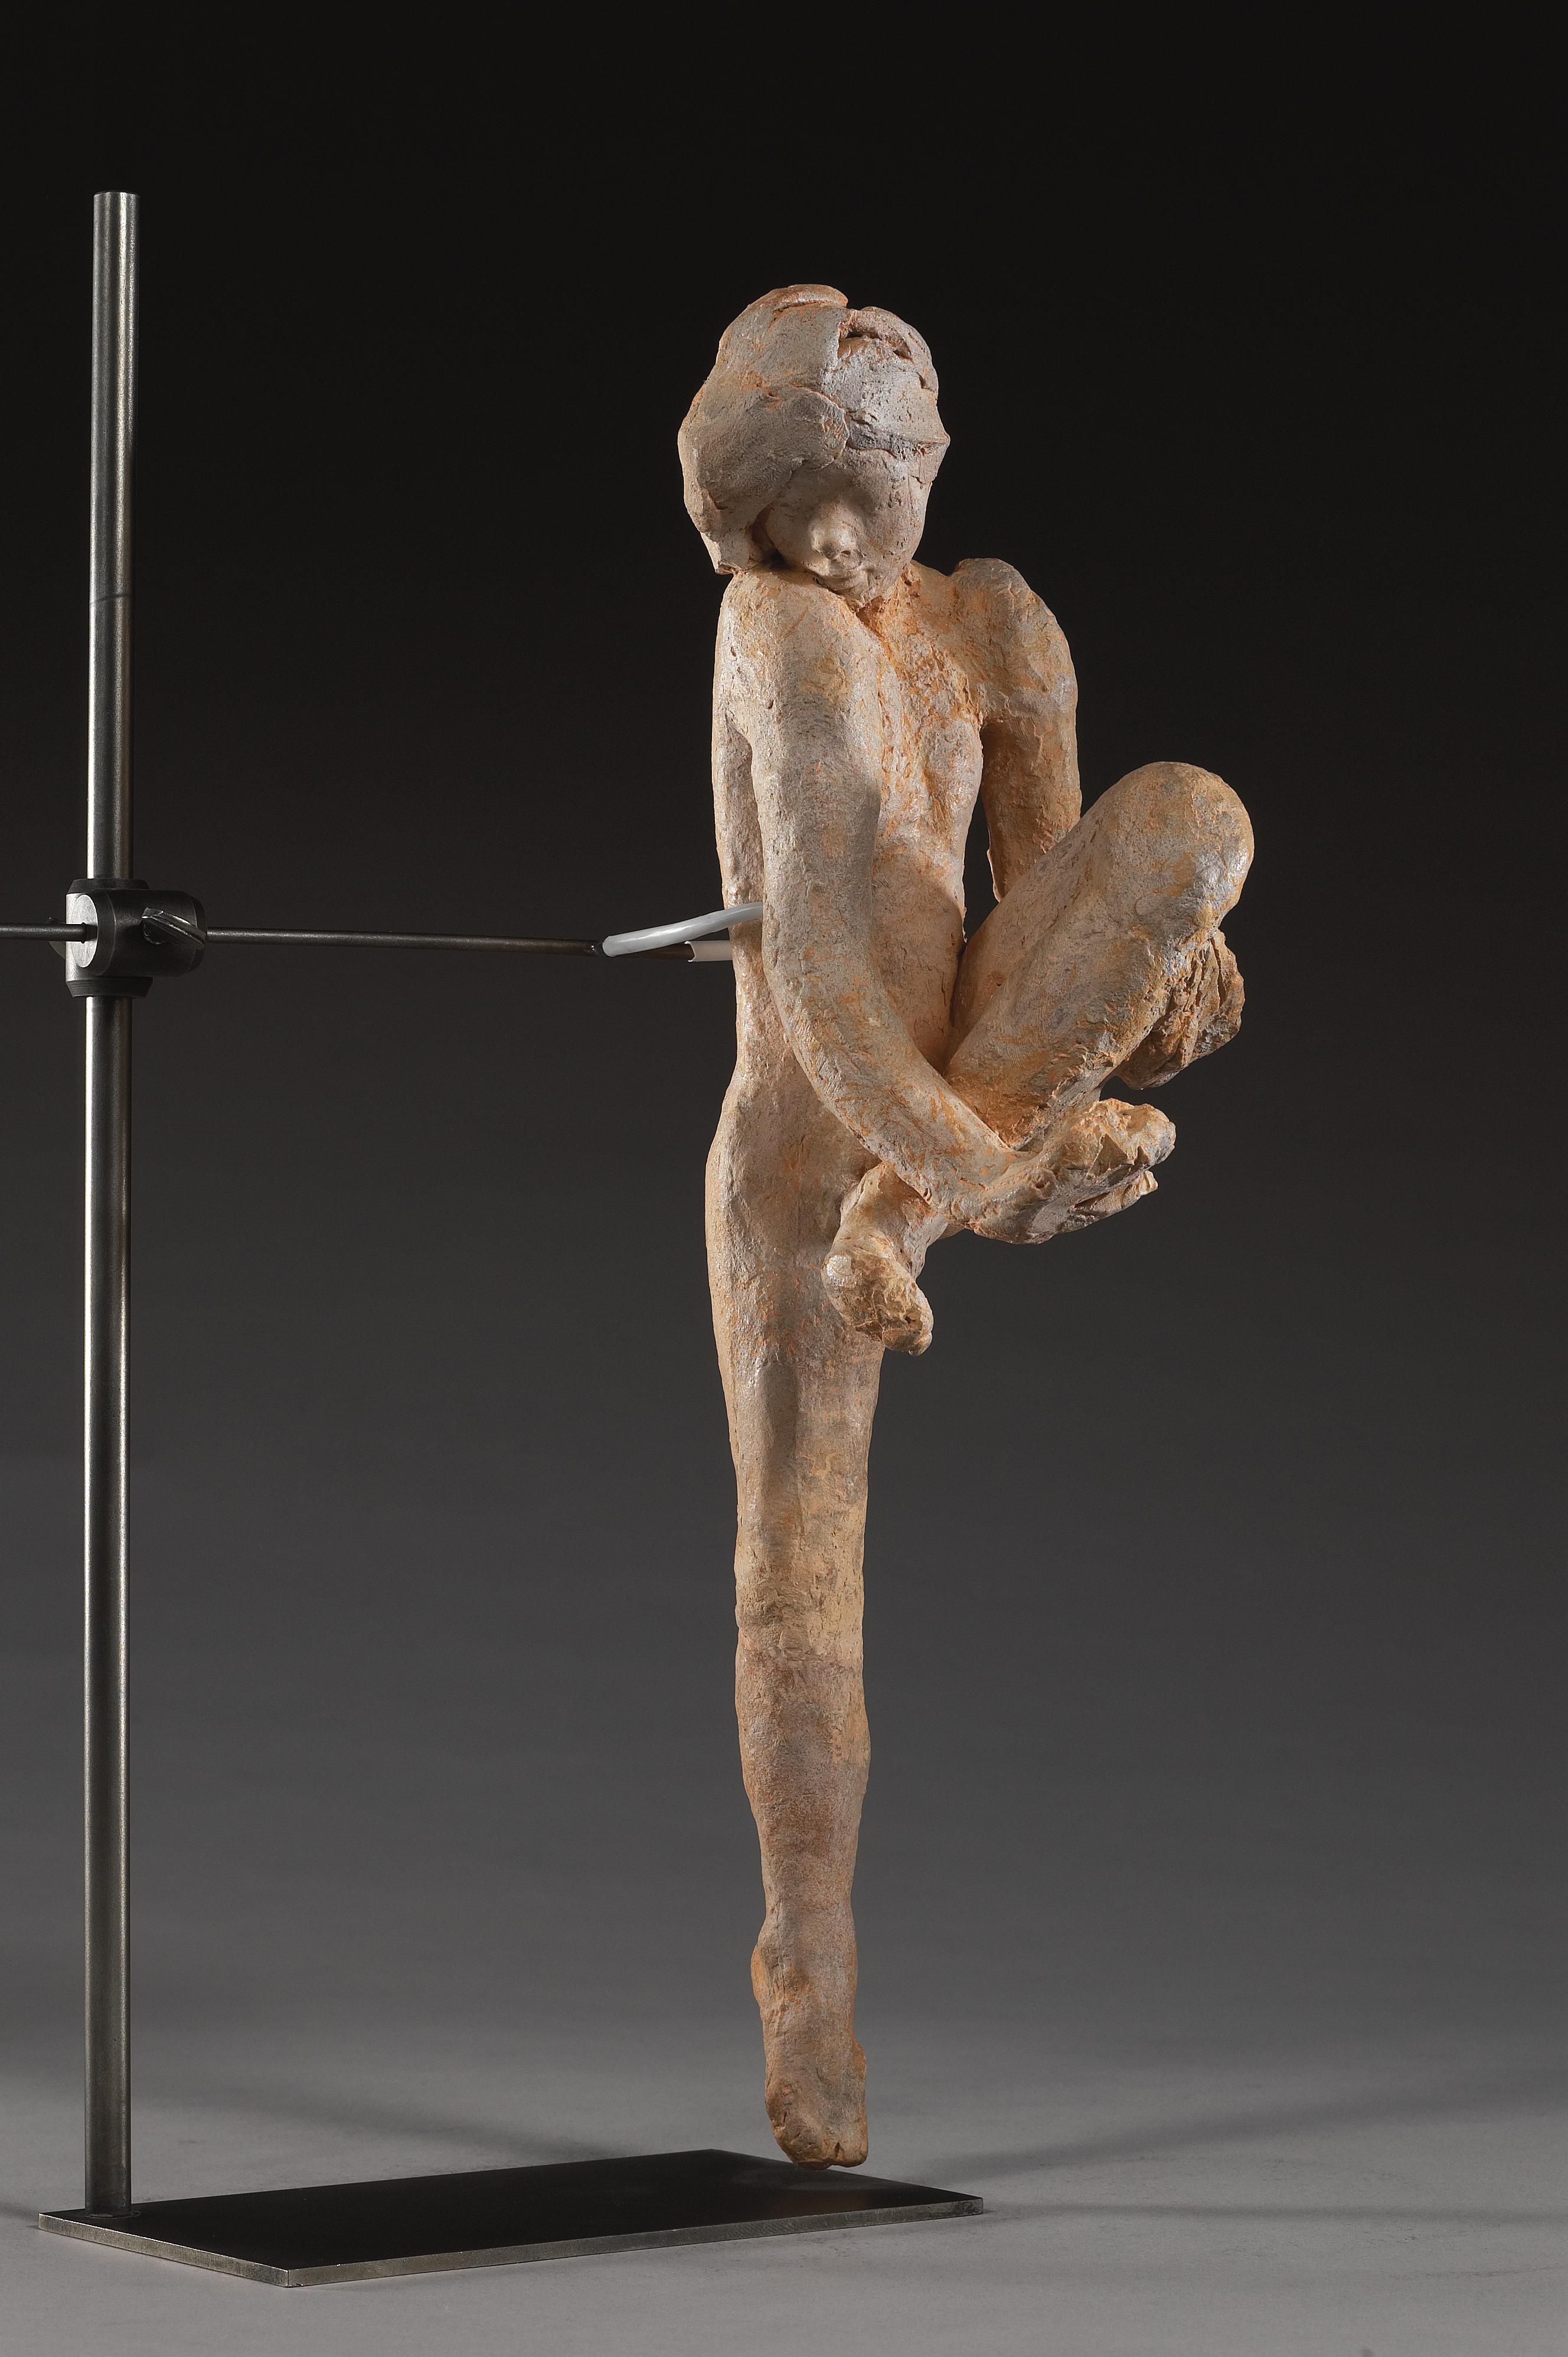 Art fairs mechanical movement metal paris russia sculptures wood - Dance Movement D By Auguste Rodin C 1911 Mus E Rodin Paris